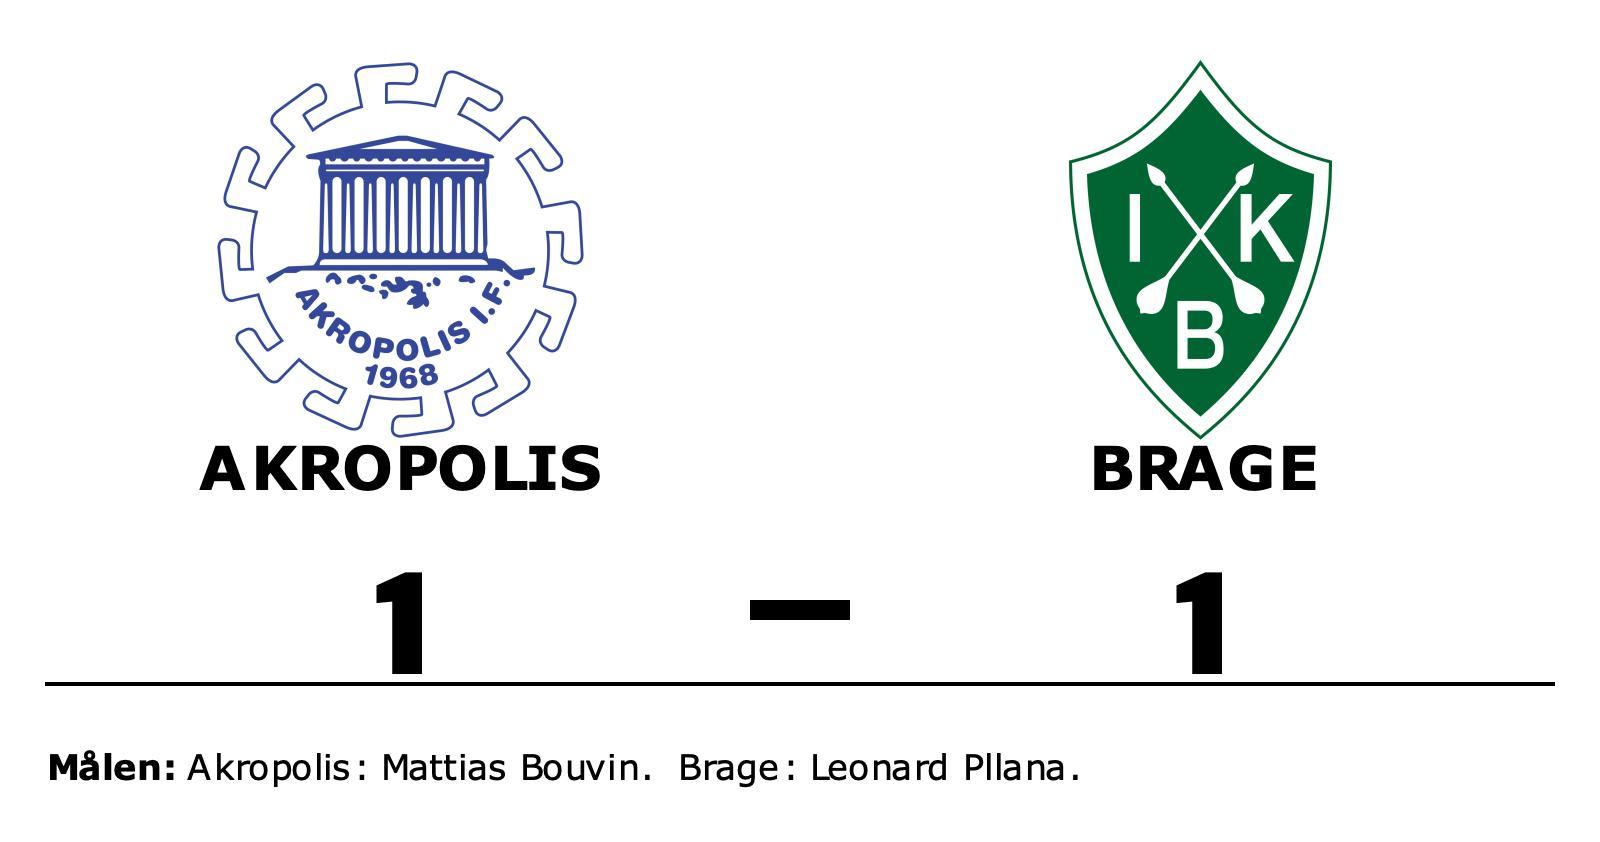 Leonard Pllana poängräddare för Brage mot Akropolis